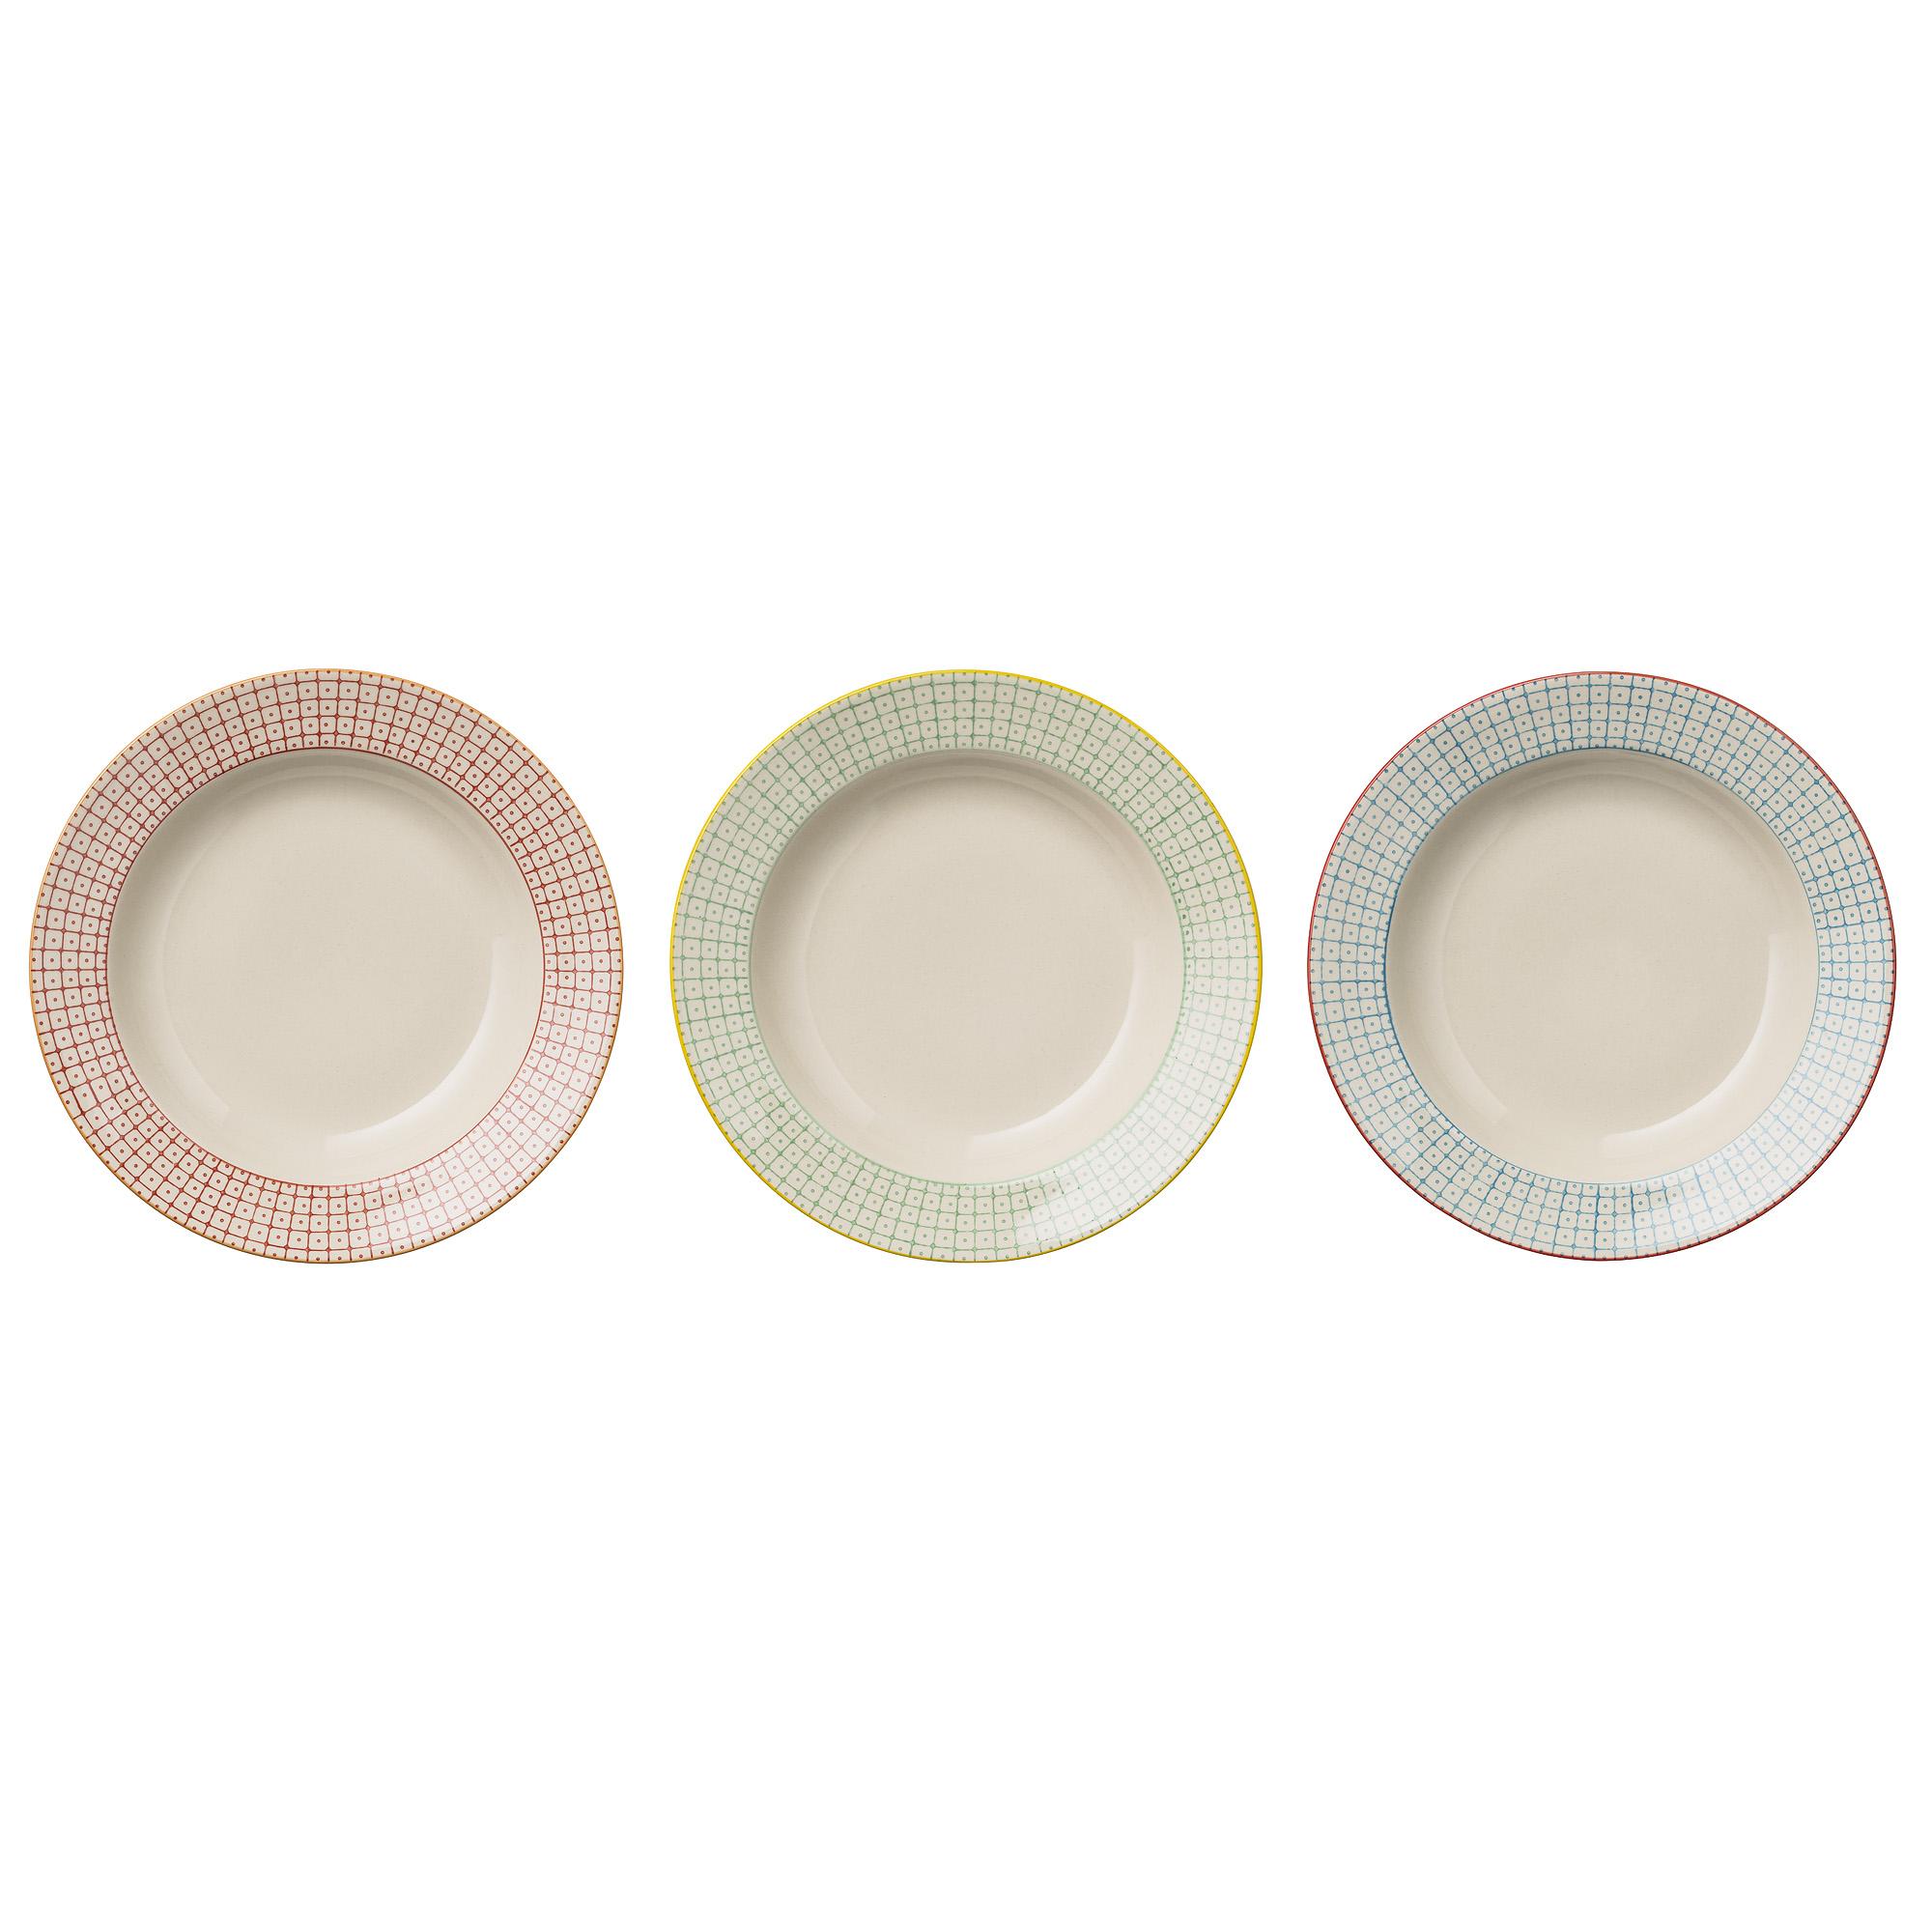 Set 3 Farfurii pentru supa  Carla  Rosu/Galben/Bleu, Ø25 cm title=Set 3 Farfurii pentru supa  Carla  Rosu/Galben/Bleu, Ø25 cm